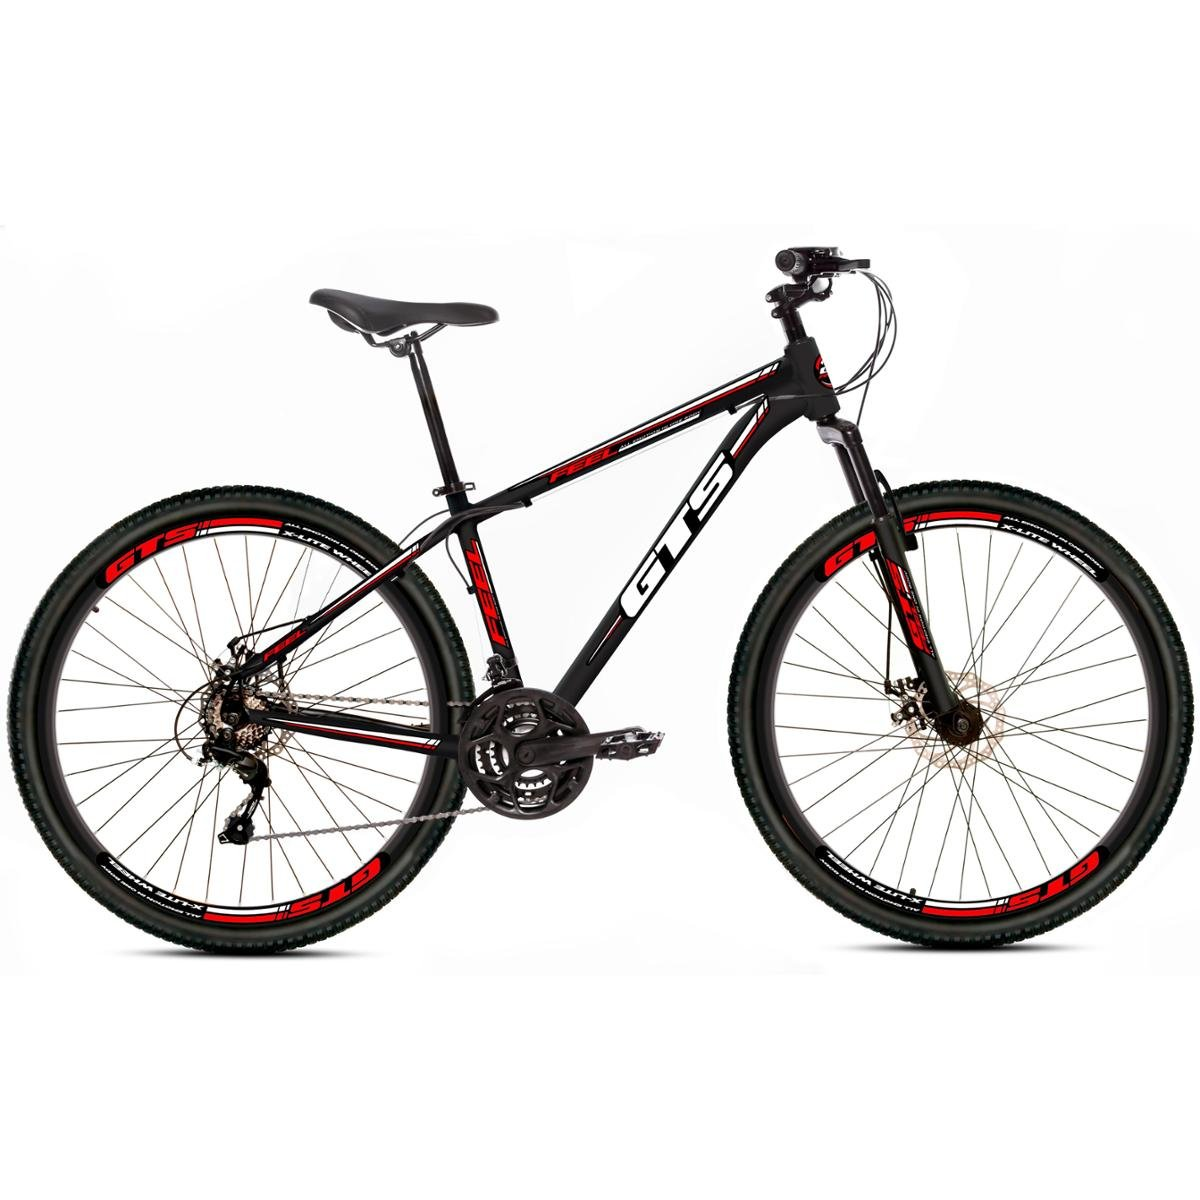 b7198d07eae88 Bicicleta Gts Feel Aro 29 Freio À Disco 21 Marchas